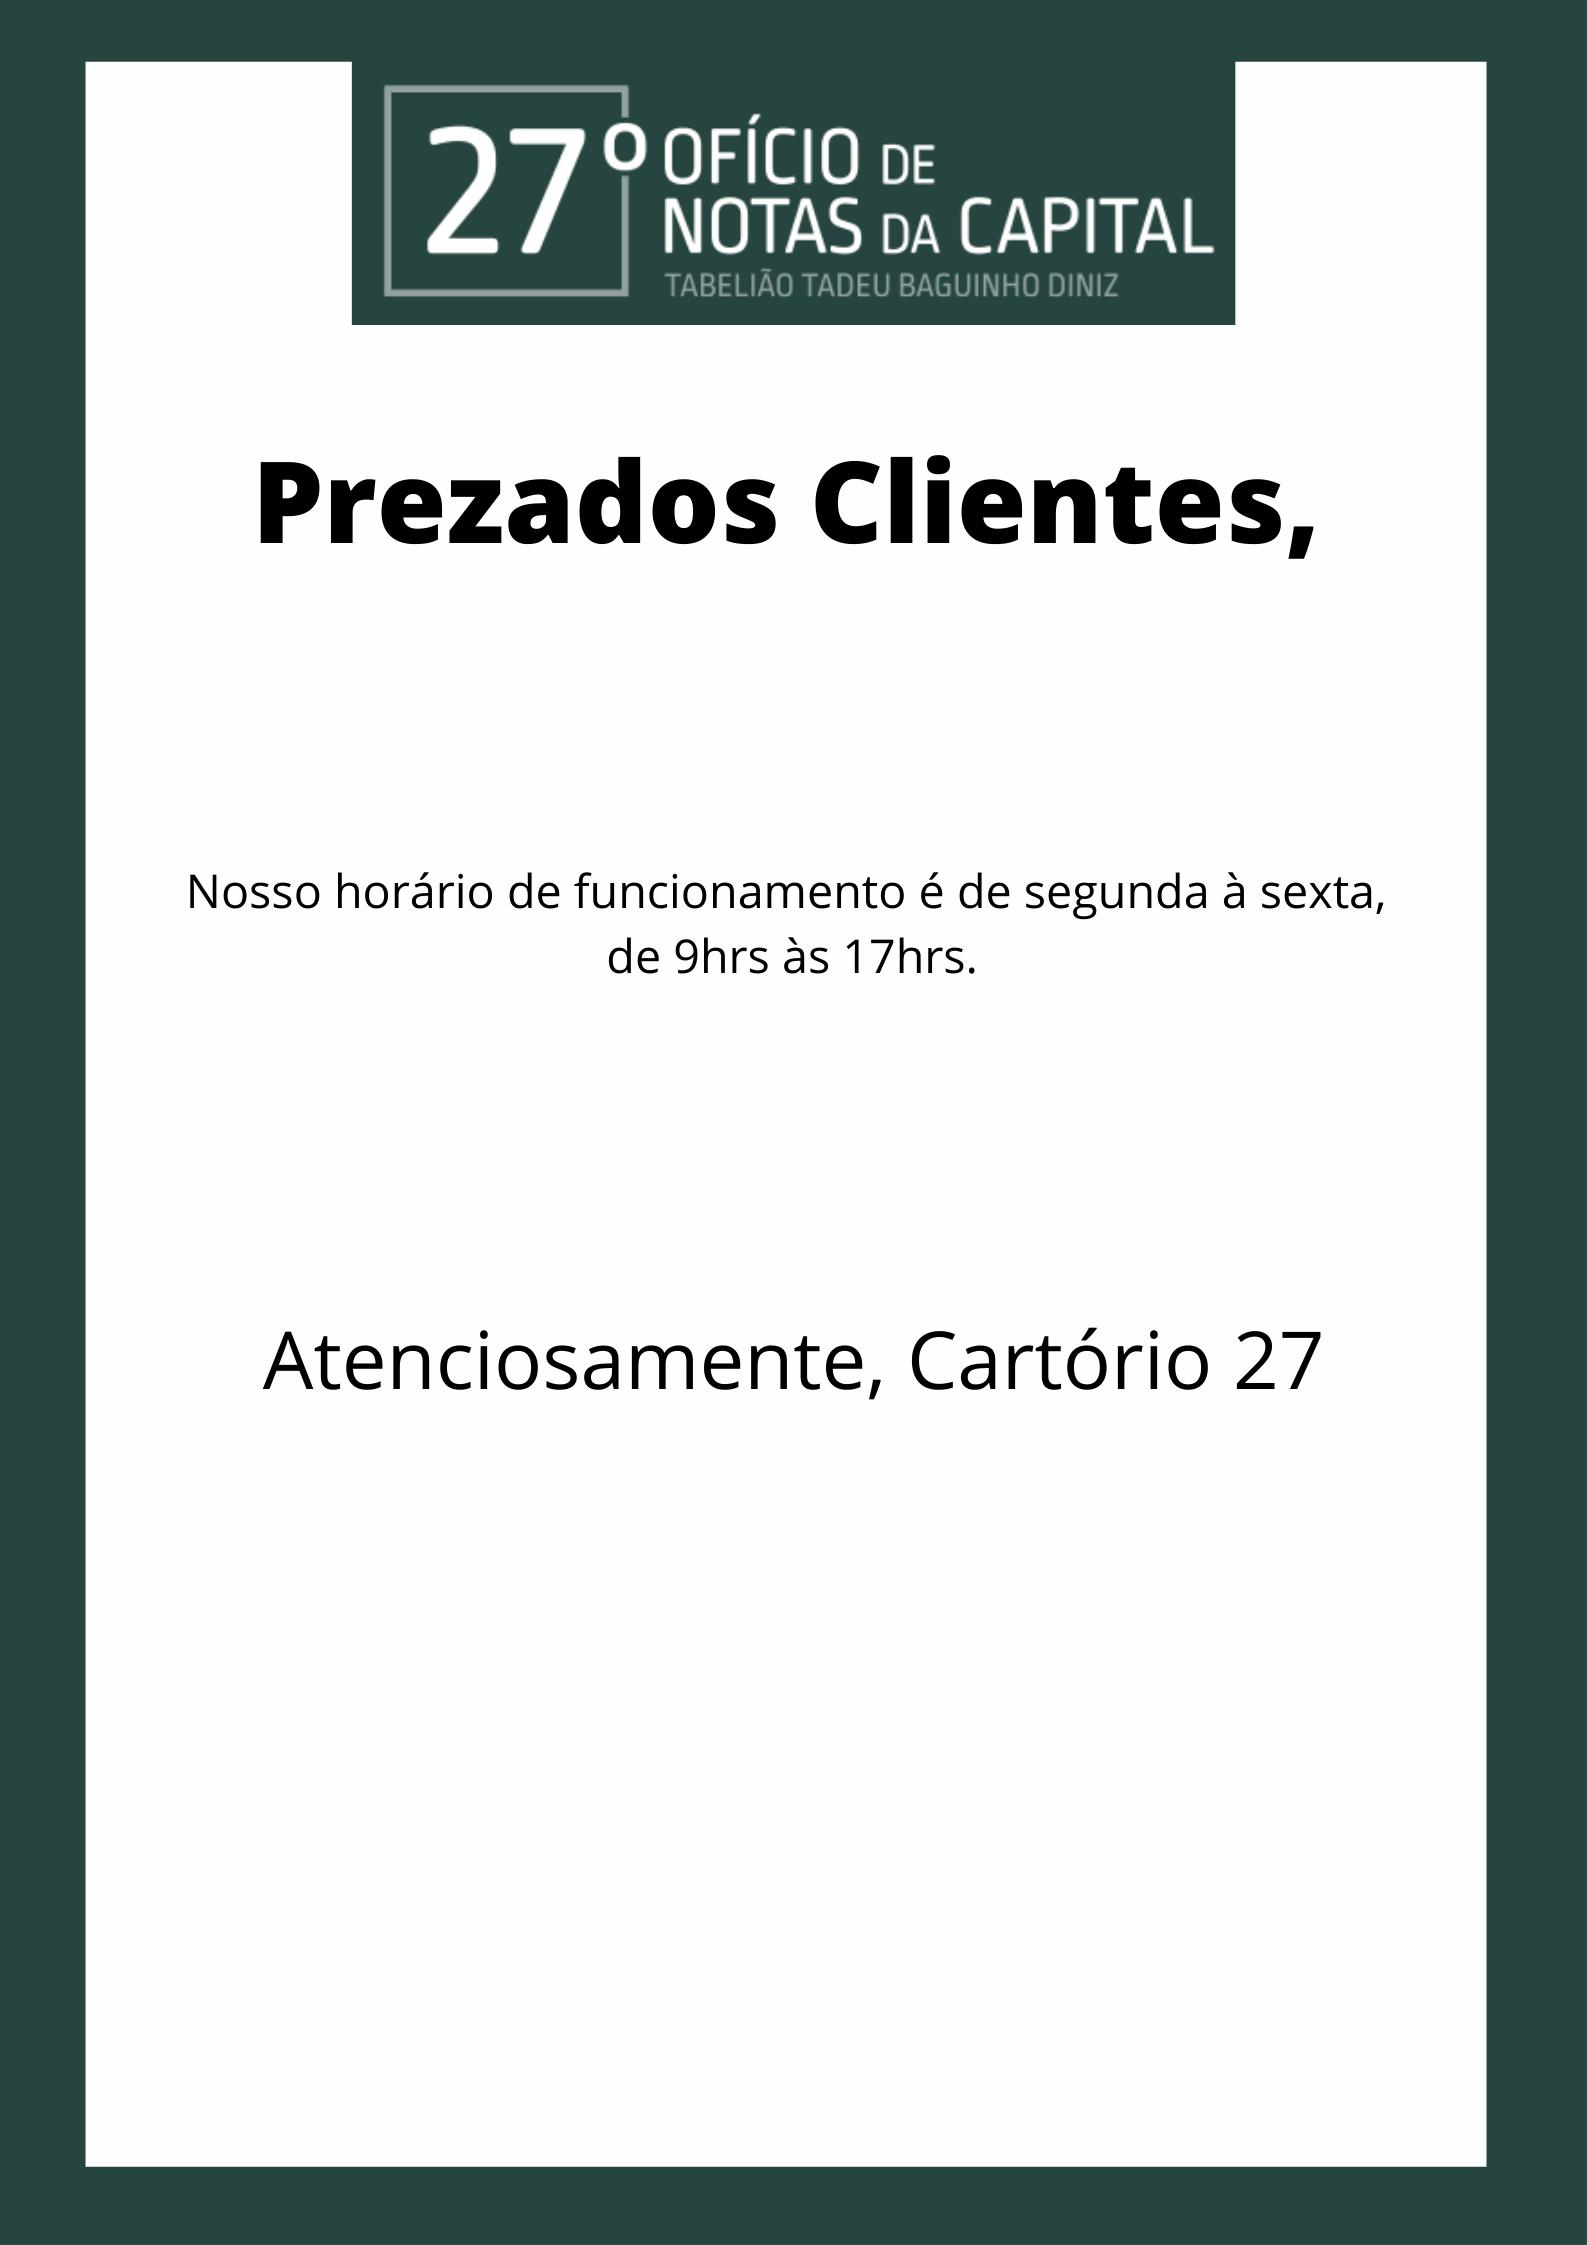 Prezados Clientes, (2)